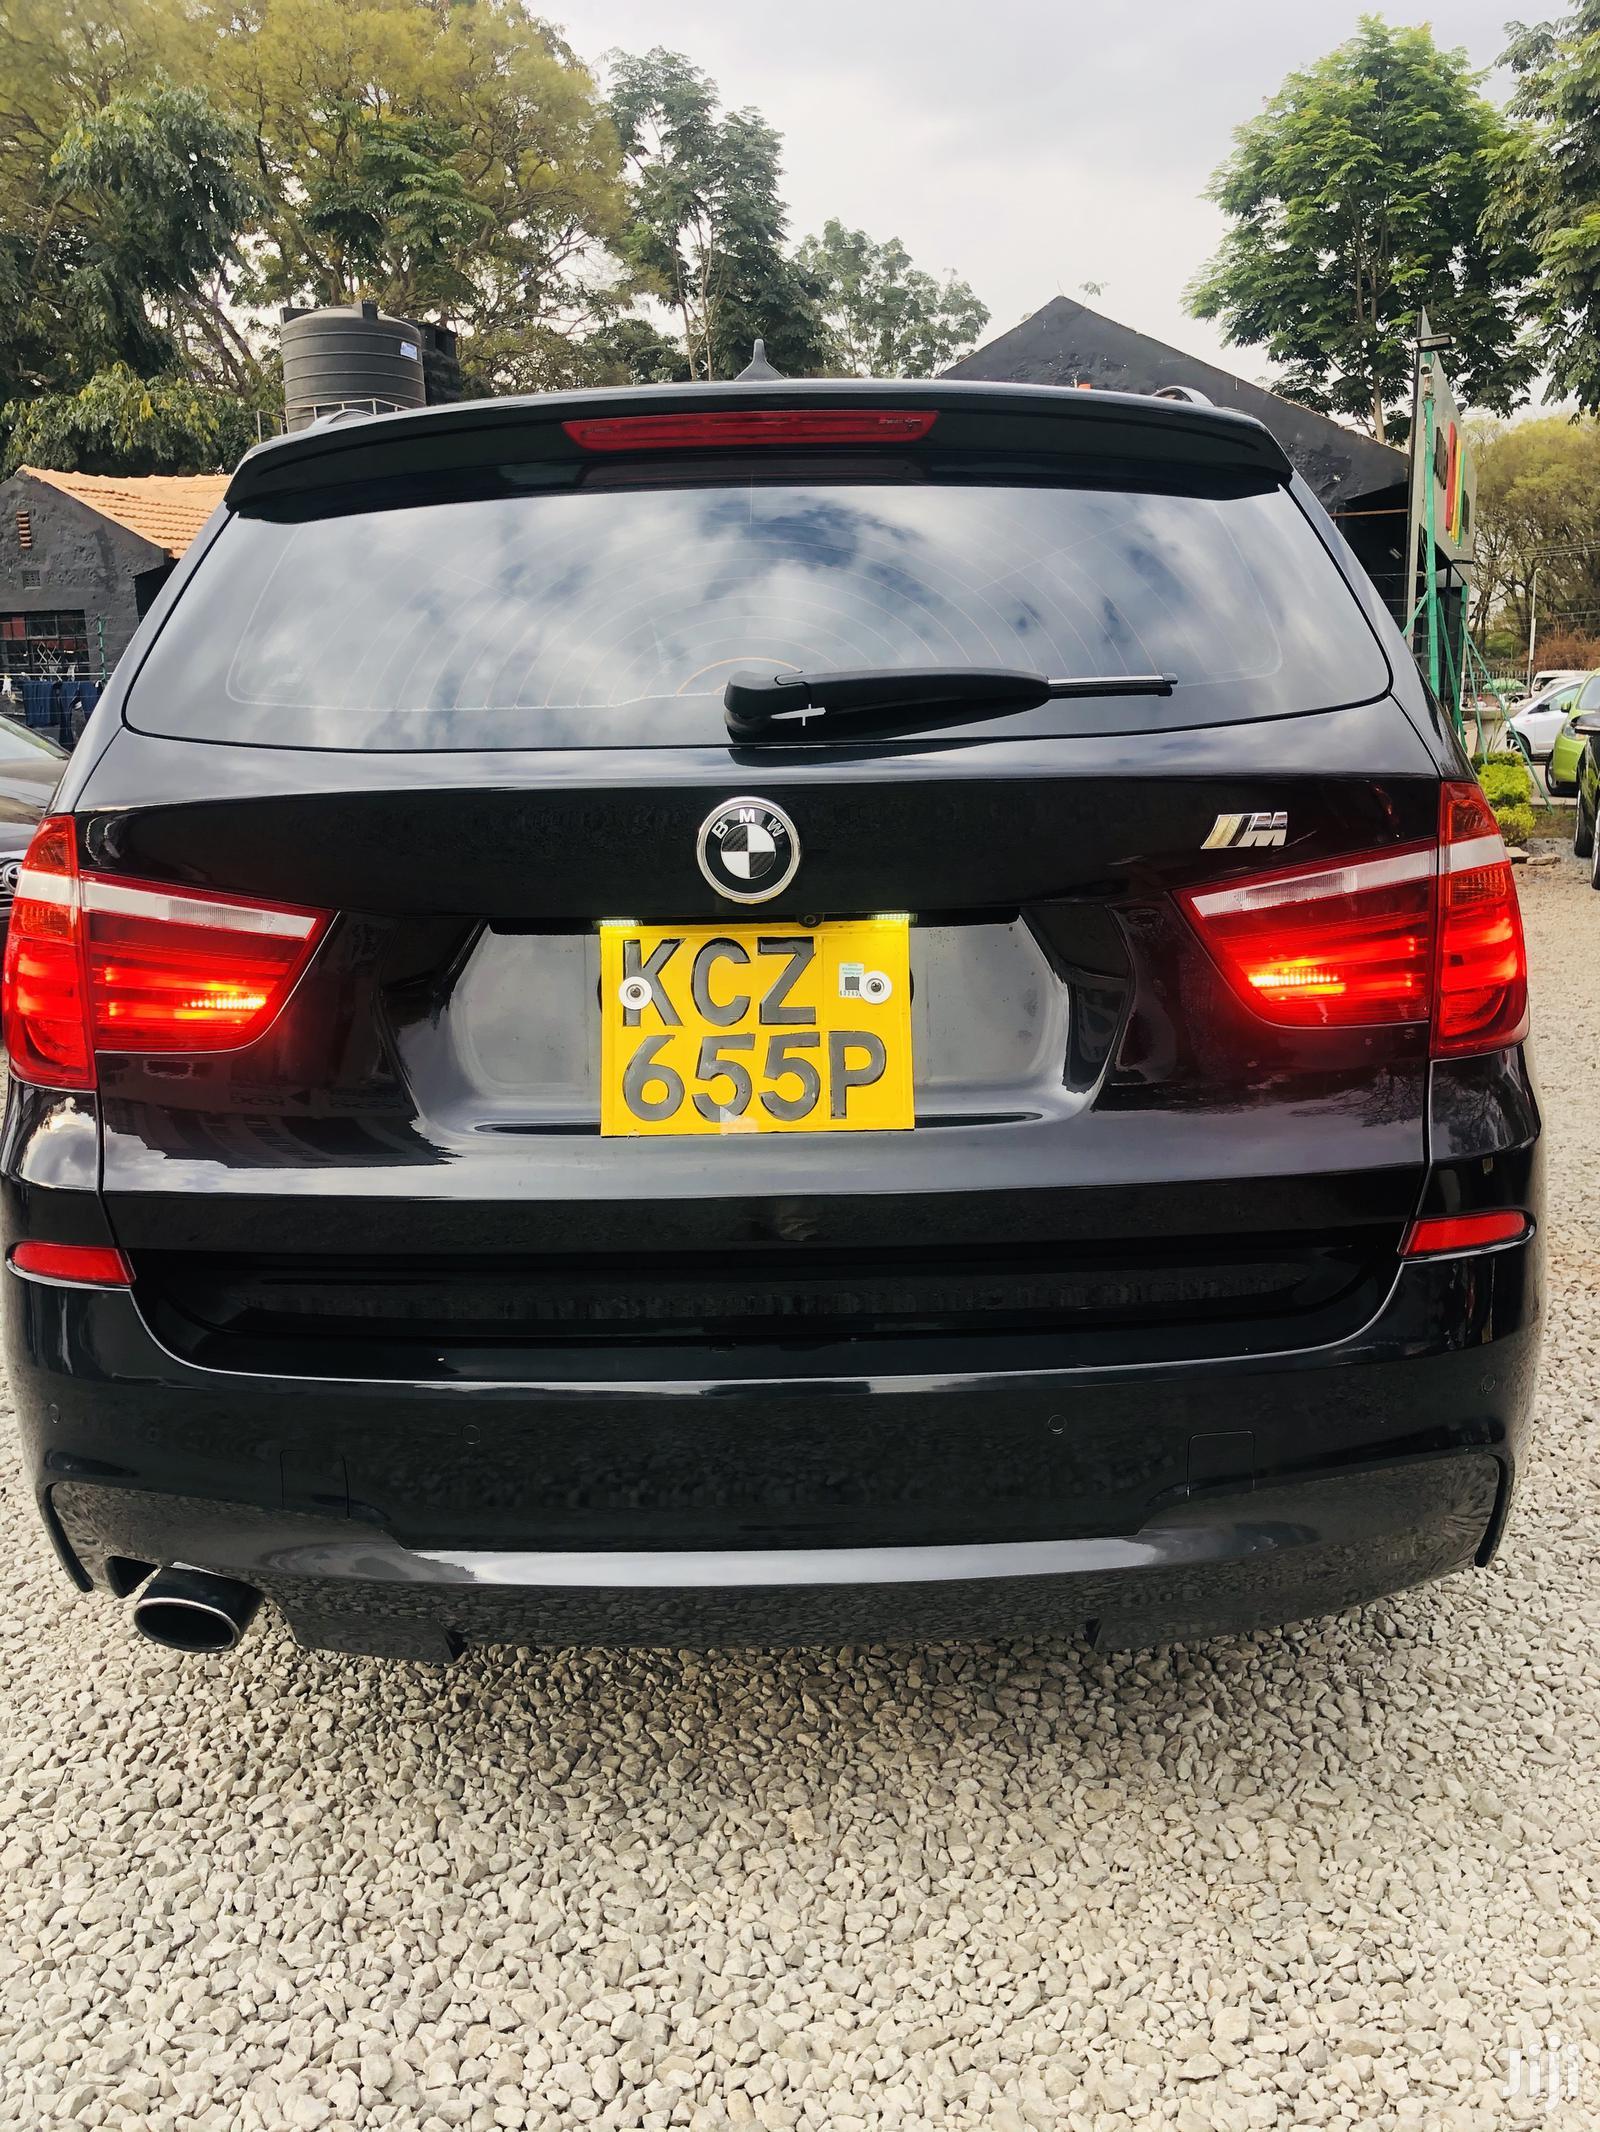 BMW X3 2013 xDrive35i Black | Cars for sale in Kilimani, Nairobi, Kenya